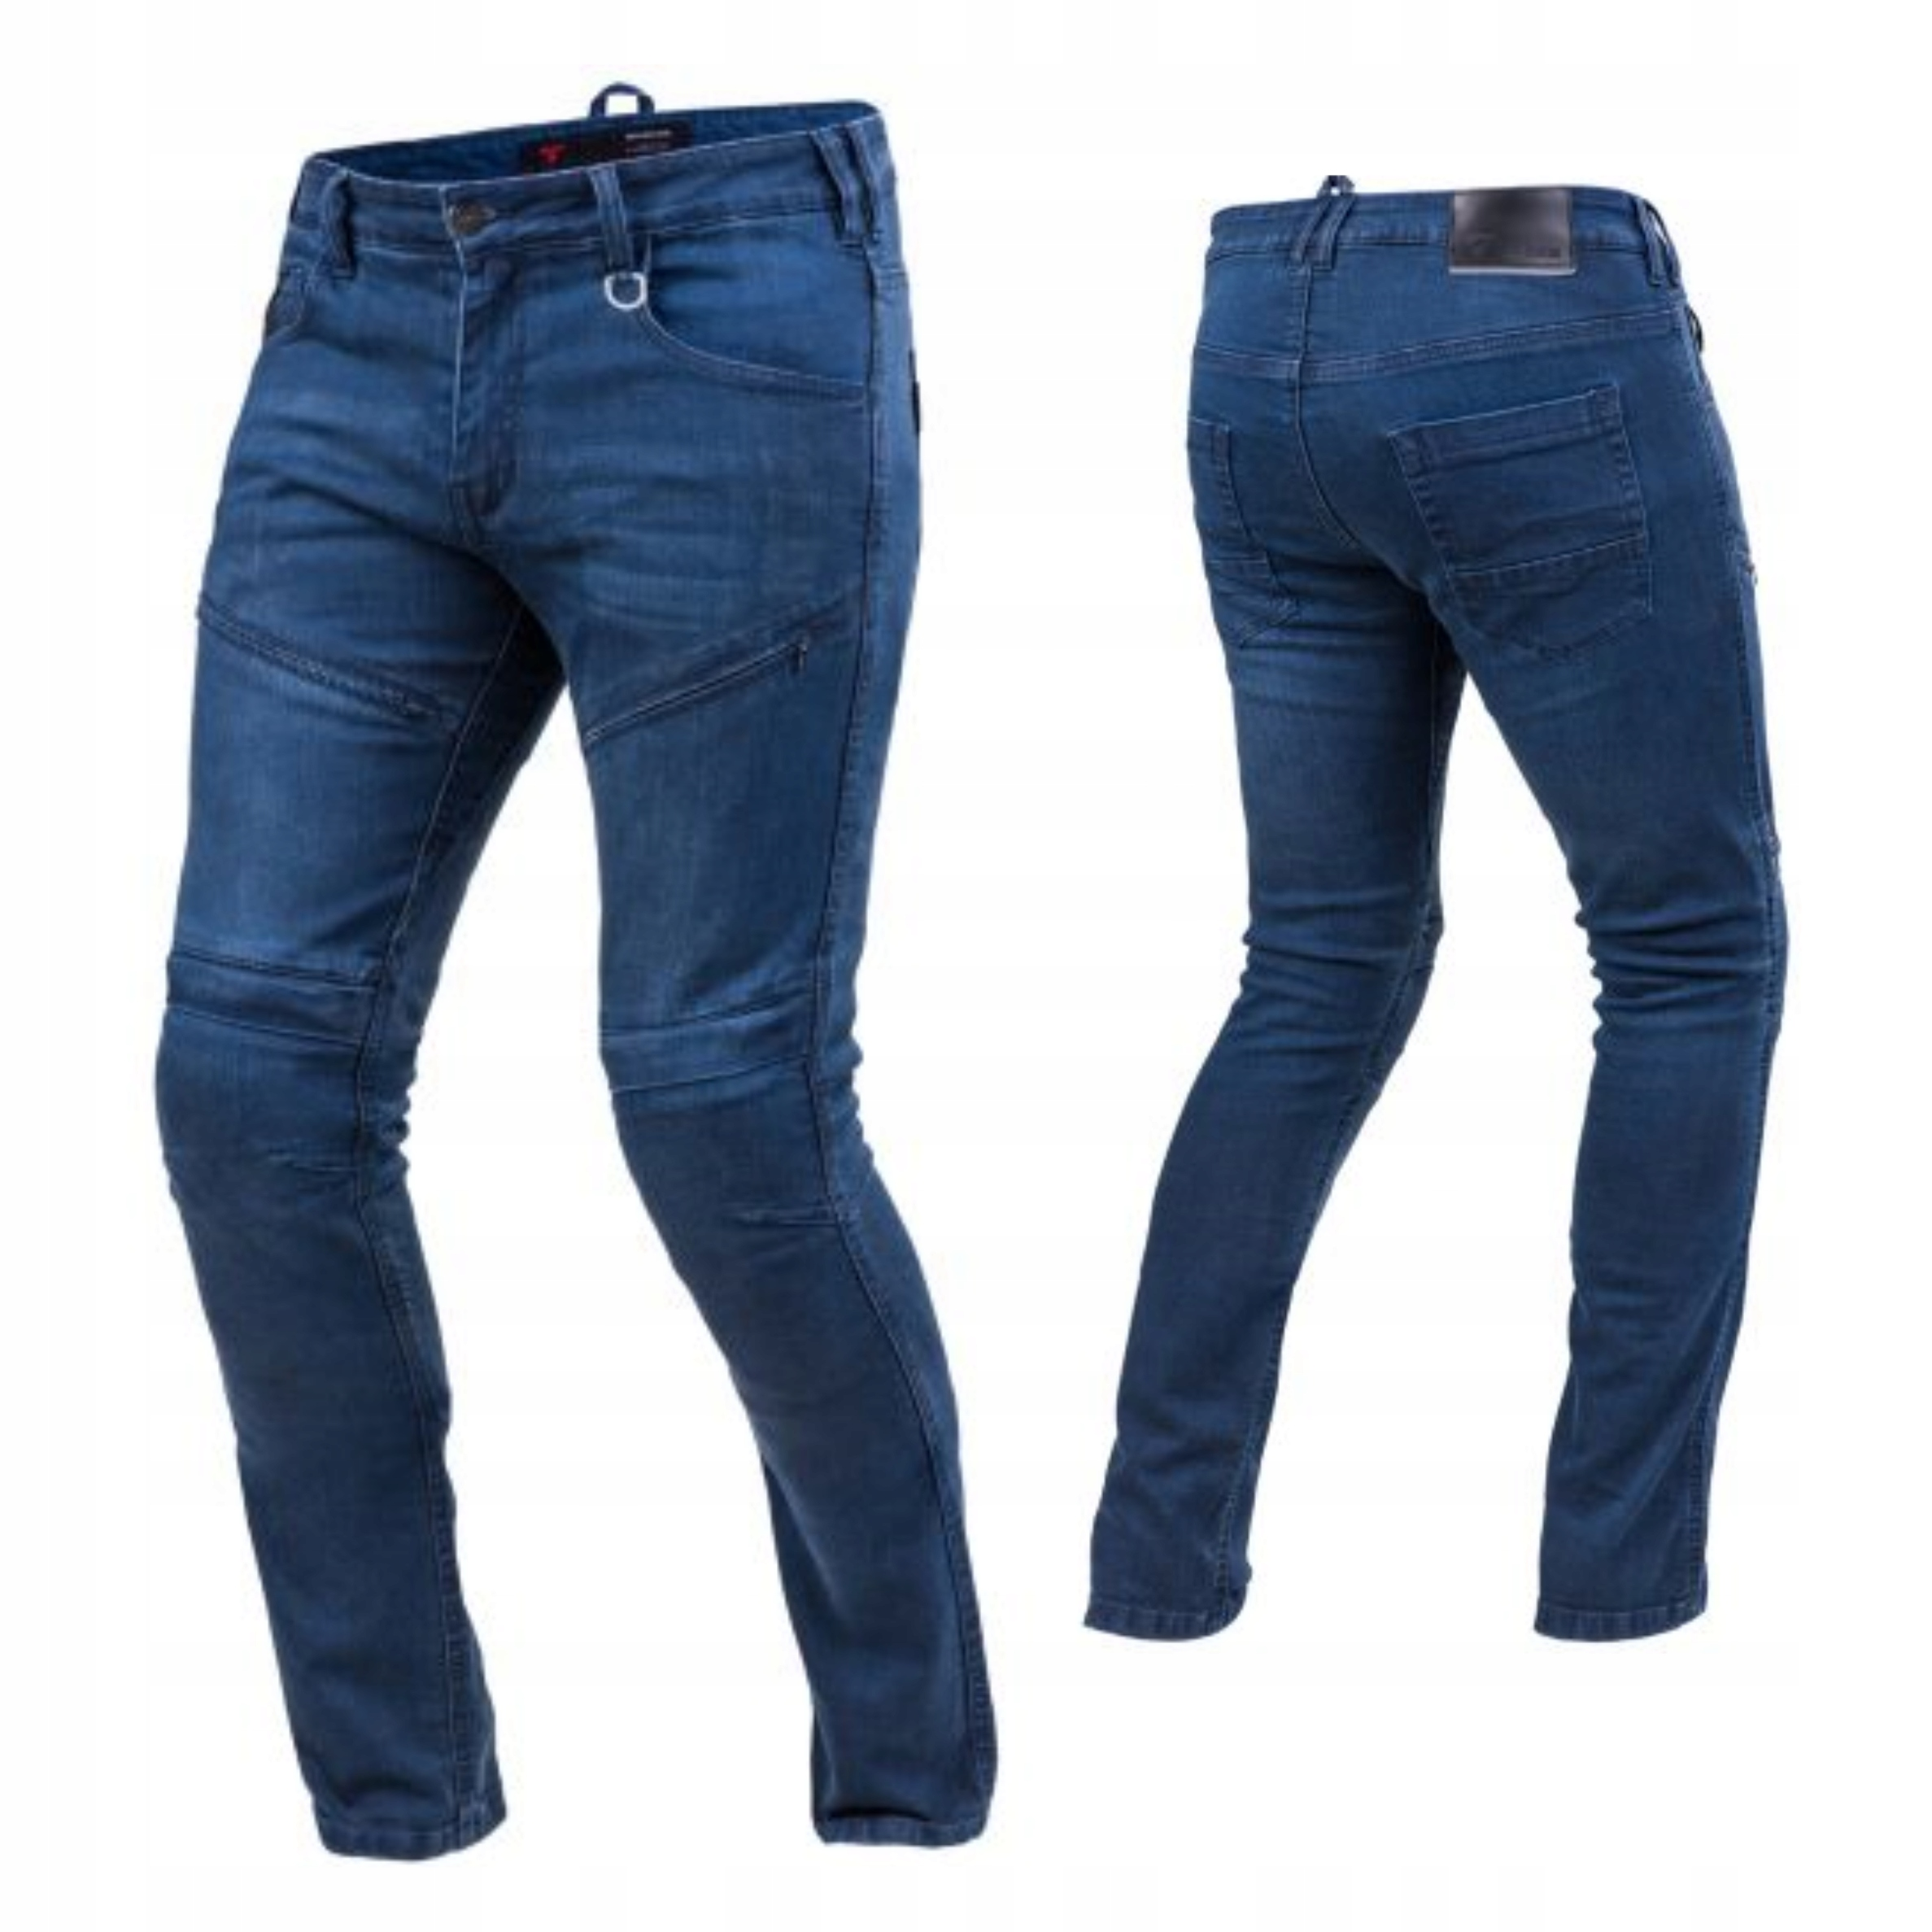 Мотоциклетные джинсы SHIMA GRAVEL 3 БЕСПЛАТНО